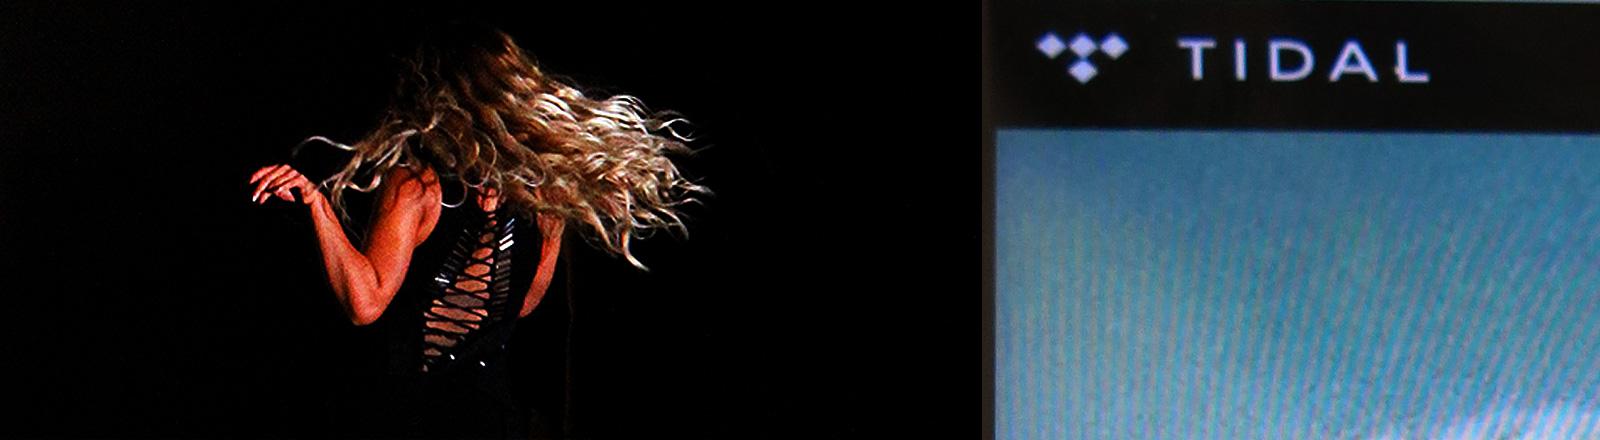 Beyoncé neben dem Tidal-Logo